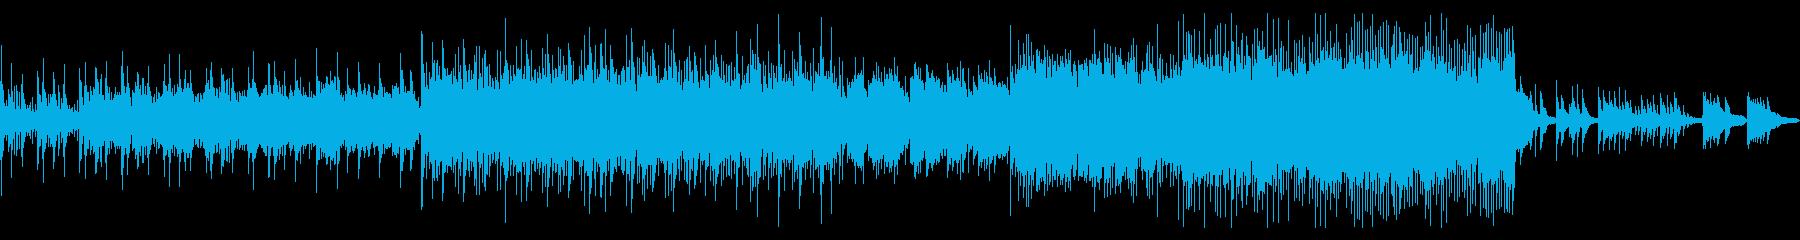 ピアノの旋律と緩やかテンポのバラードの再生済みの波形